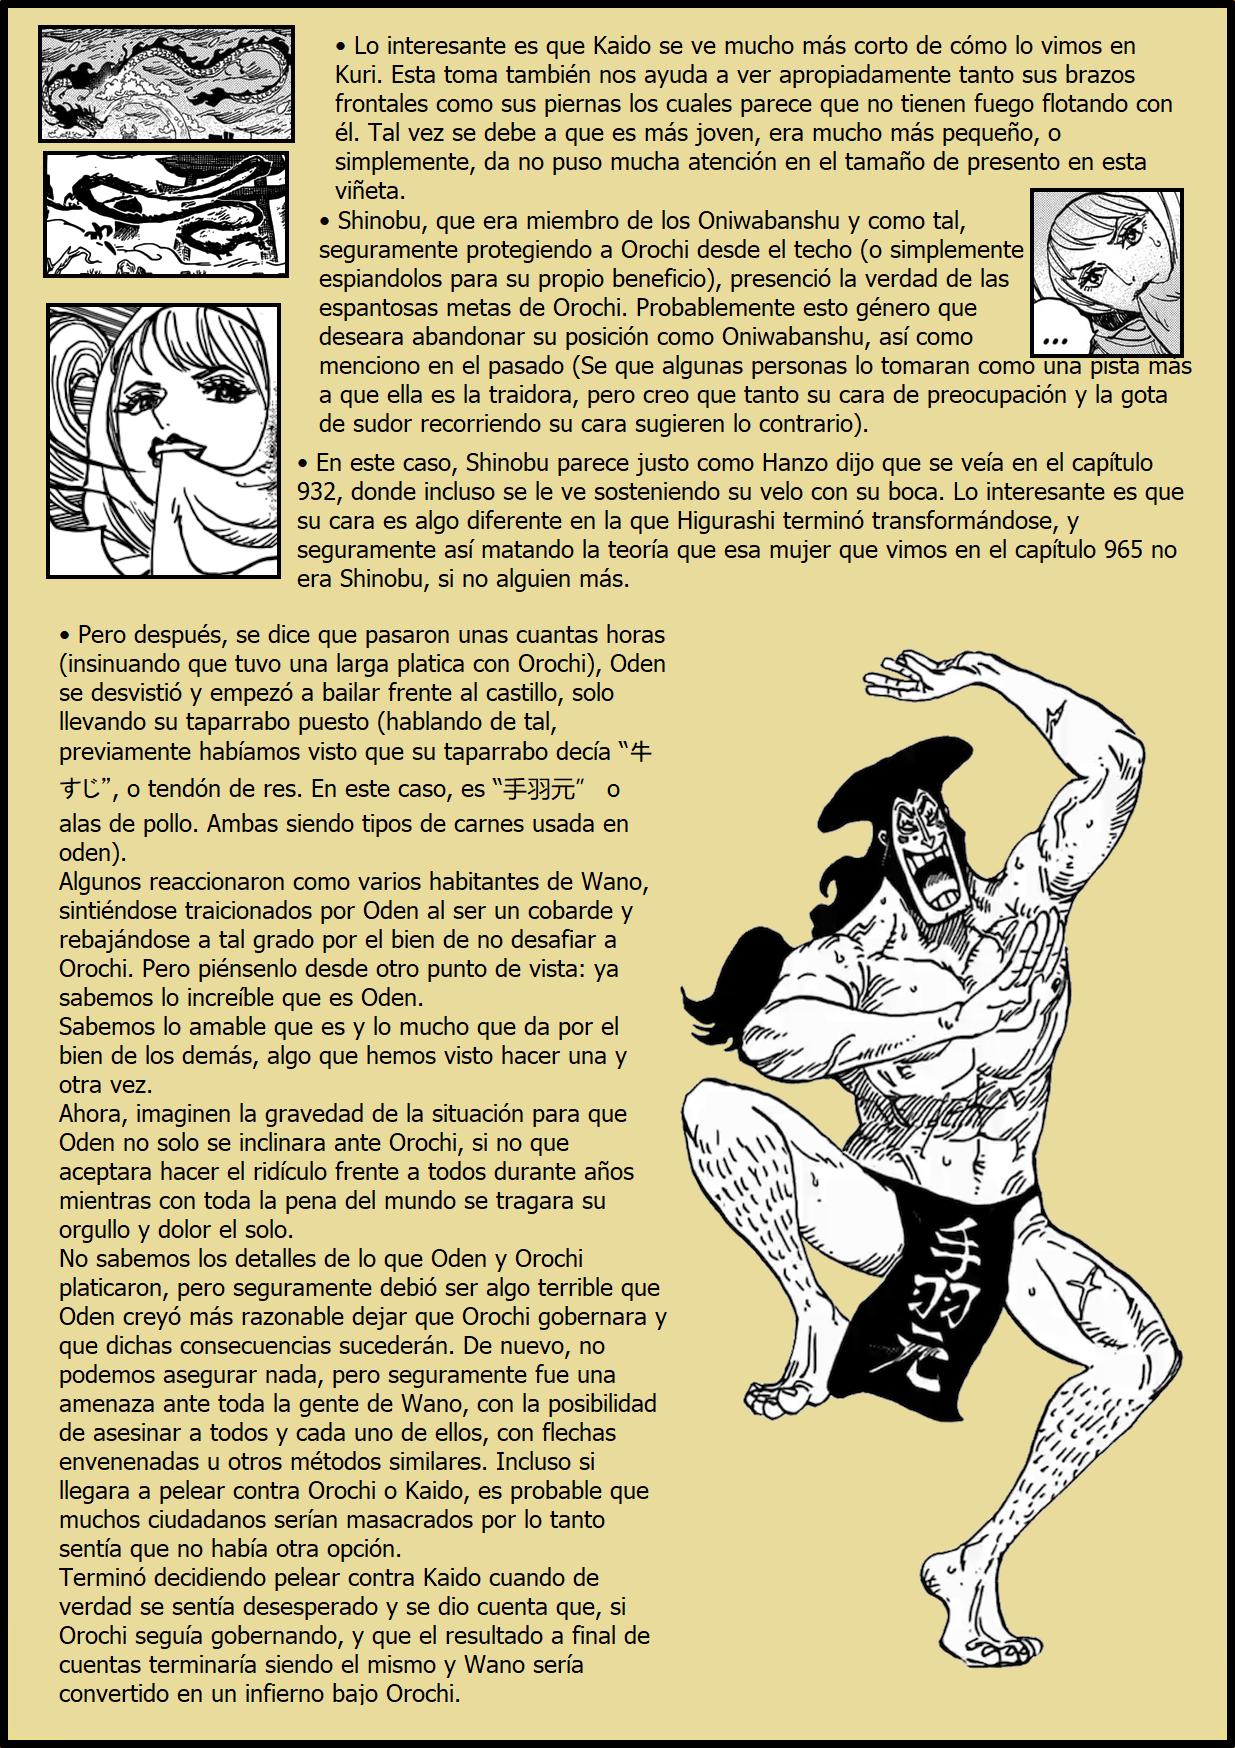 Secretos & Curiosidades - One Piece Manga 969 05